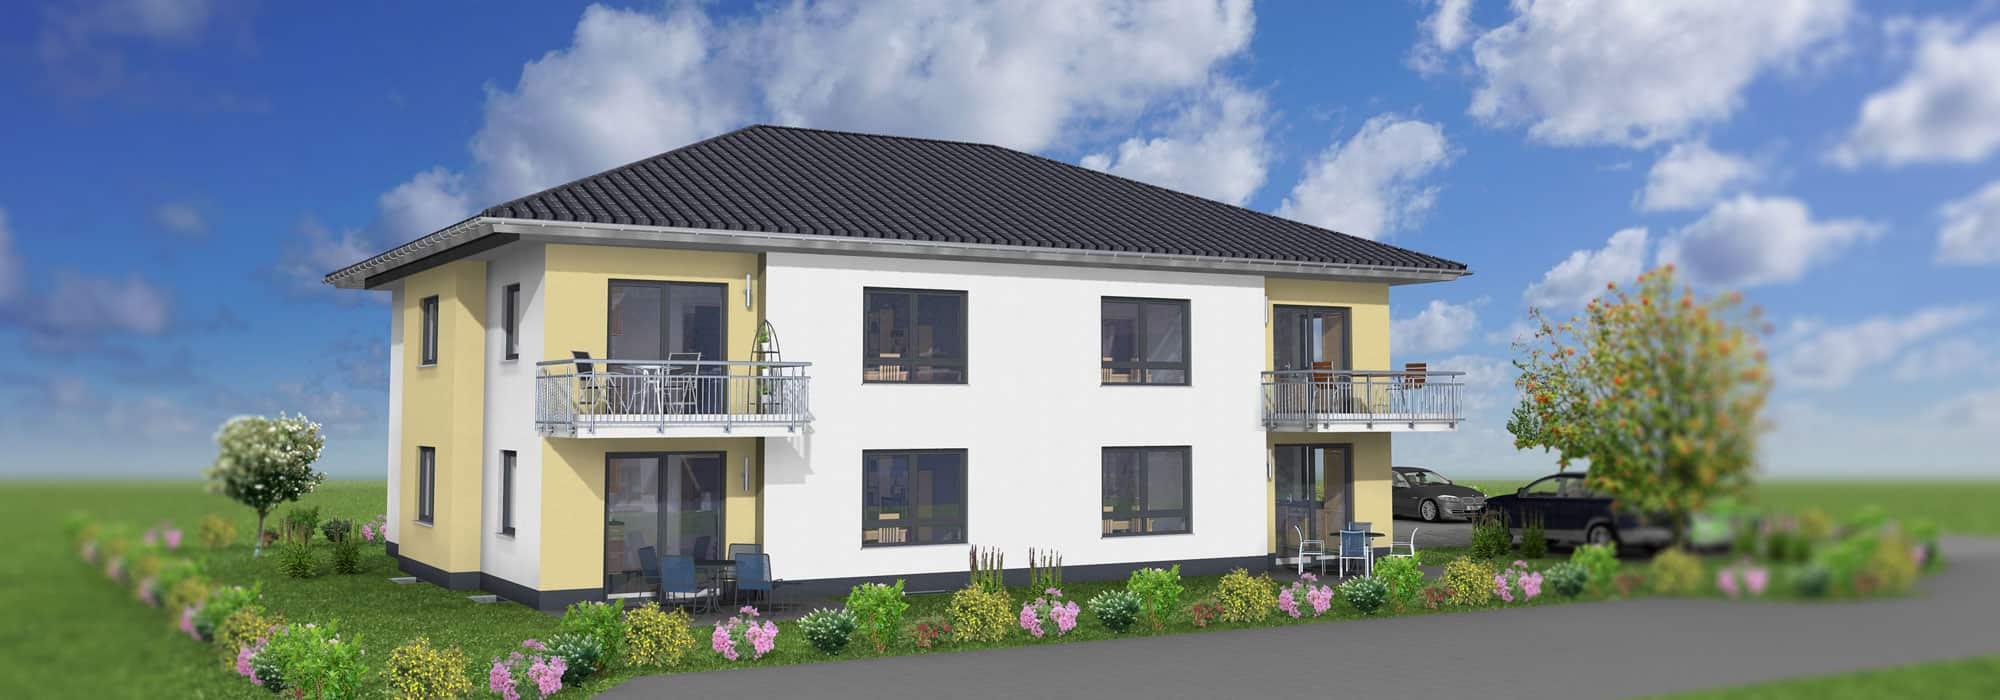 4 freundliche Eigentumswohnungen in Bad Salzungen